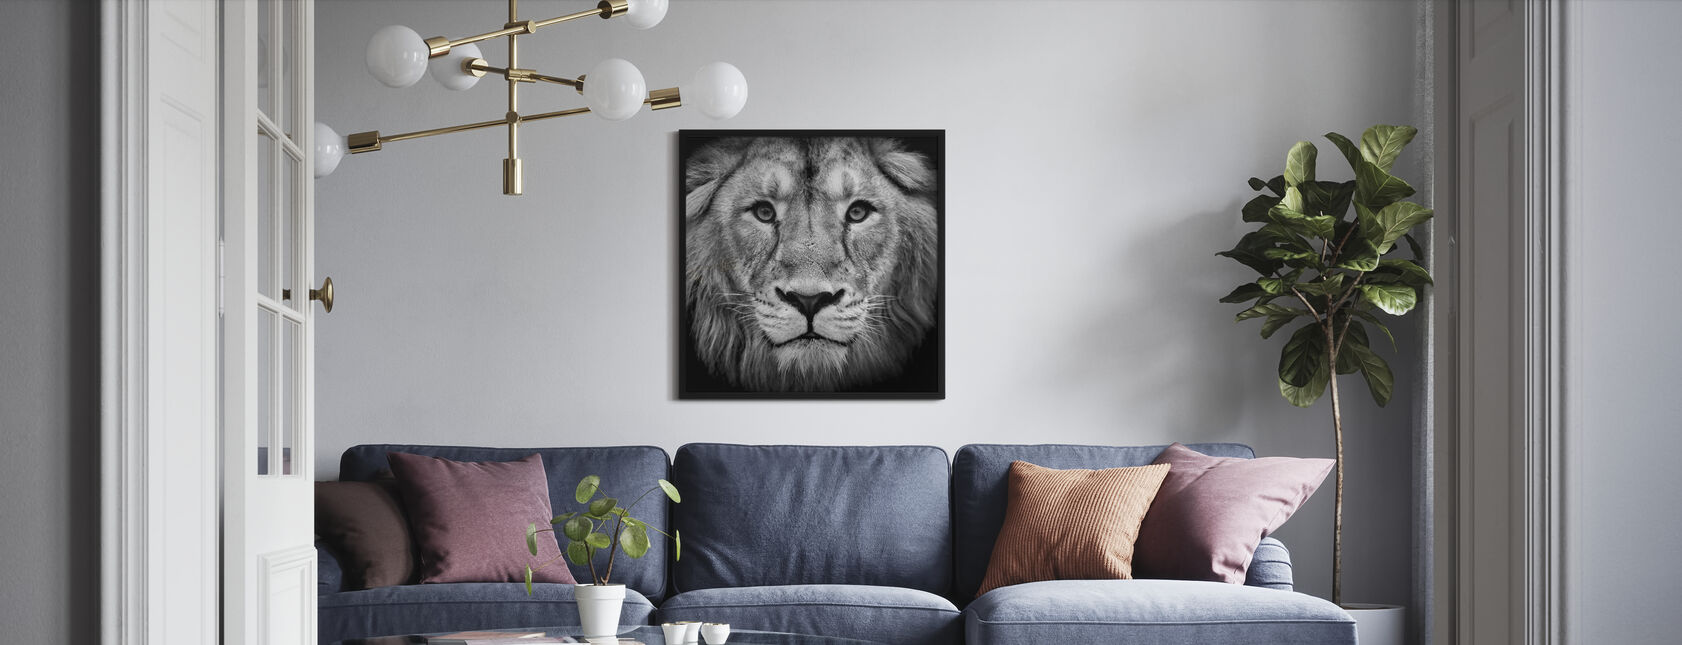 Wise Lion, schwarz/weiß - Gerahmtes bild - Wohnzimmer